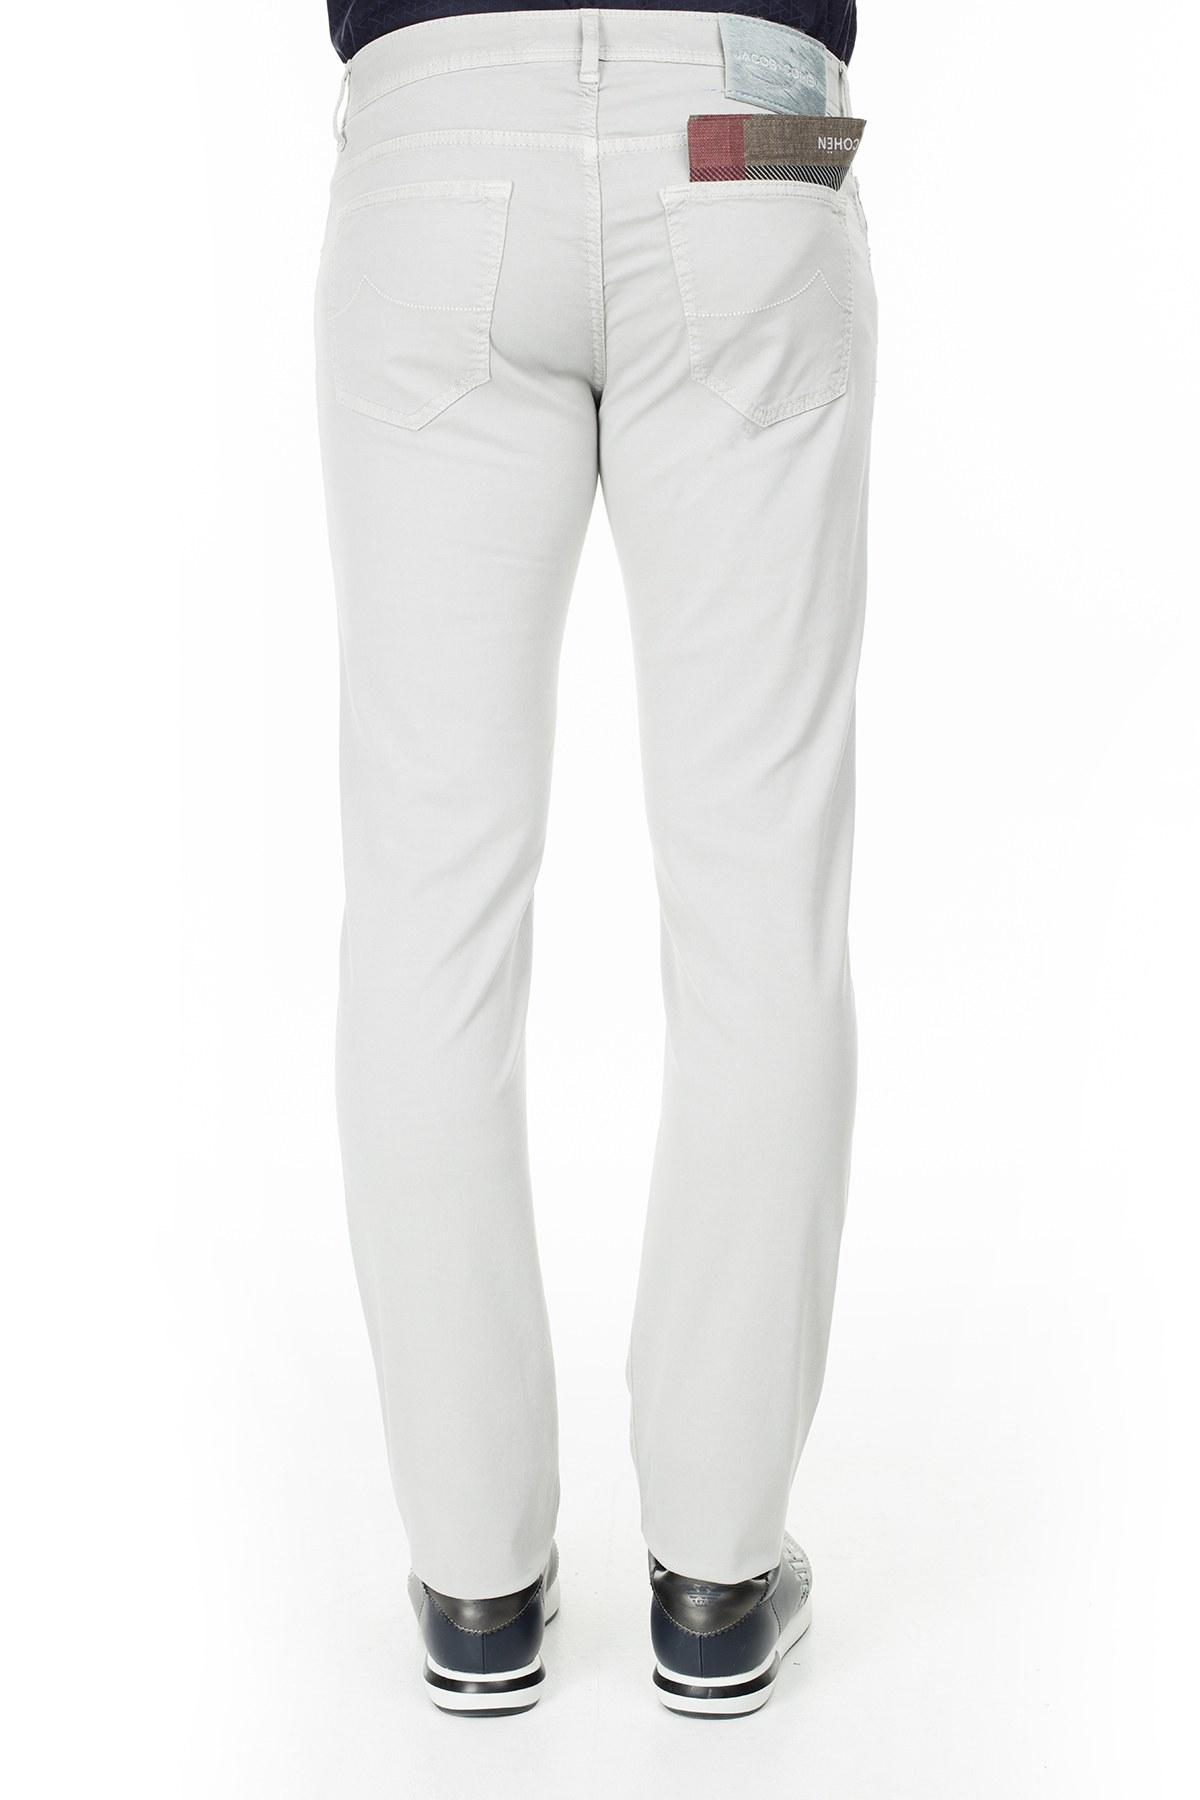 Jacob Cohen Jeans Erkek Pamuklu Pantolon J688 566V 921 TAŞ